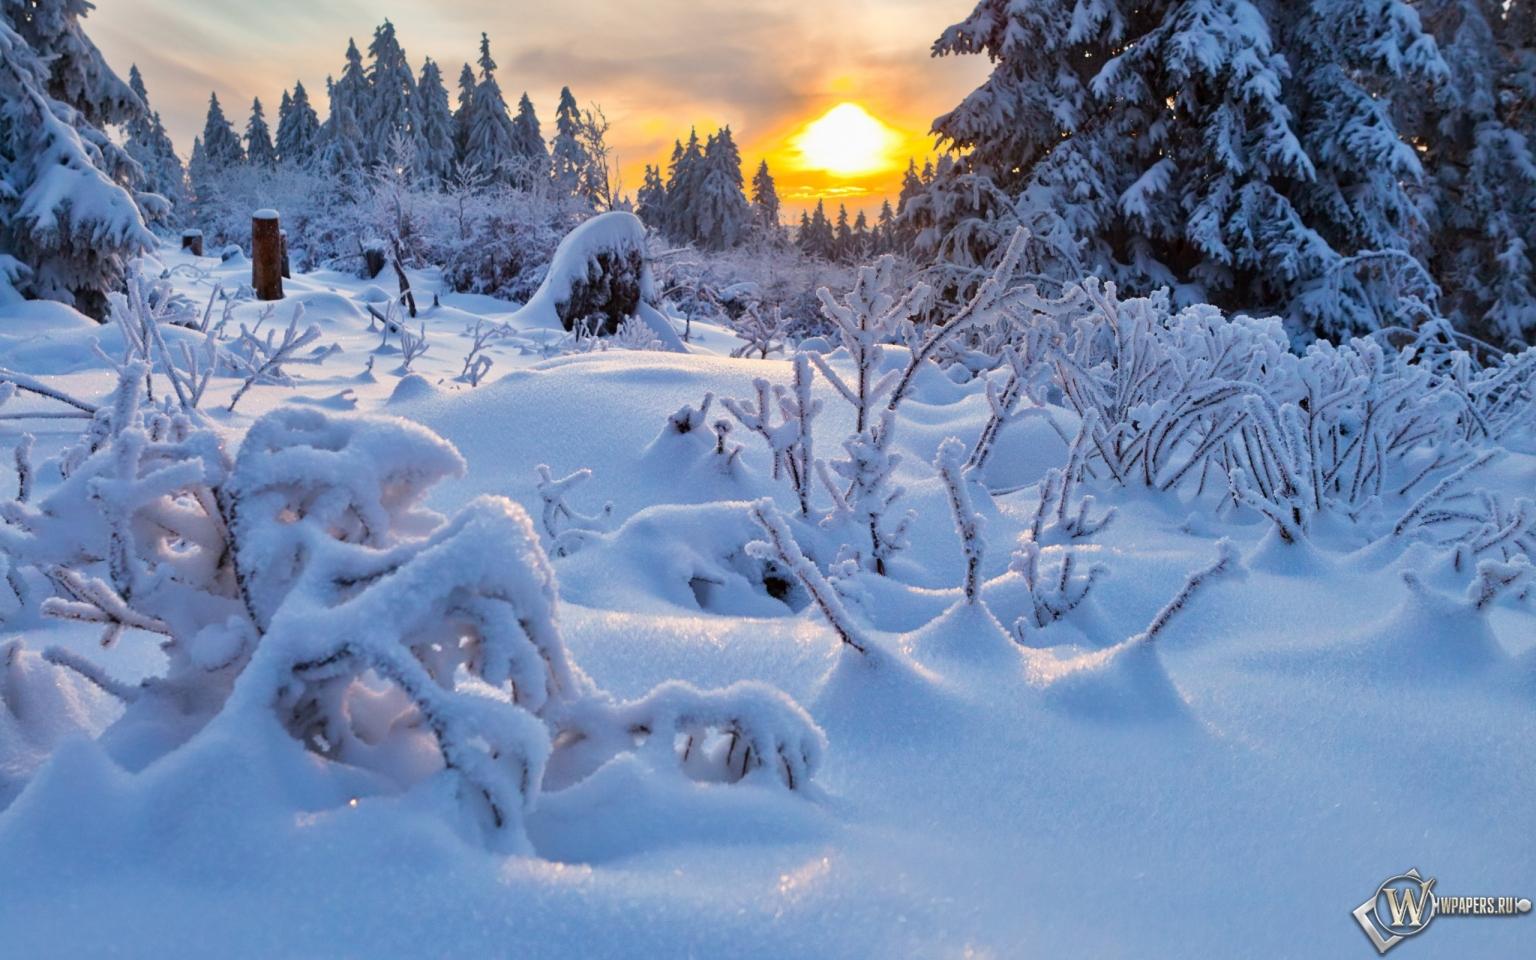 Зимний пейзаж 1536x960